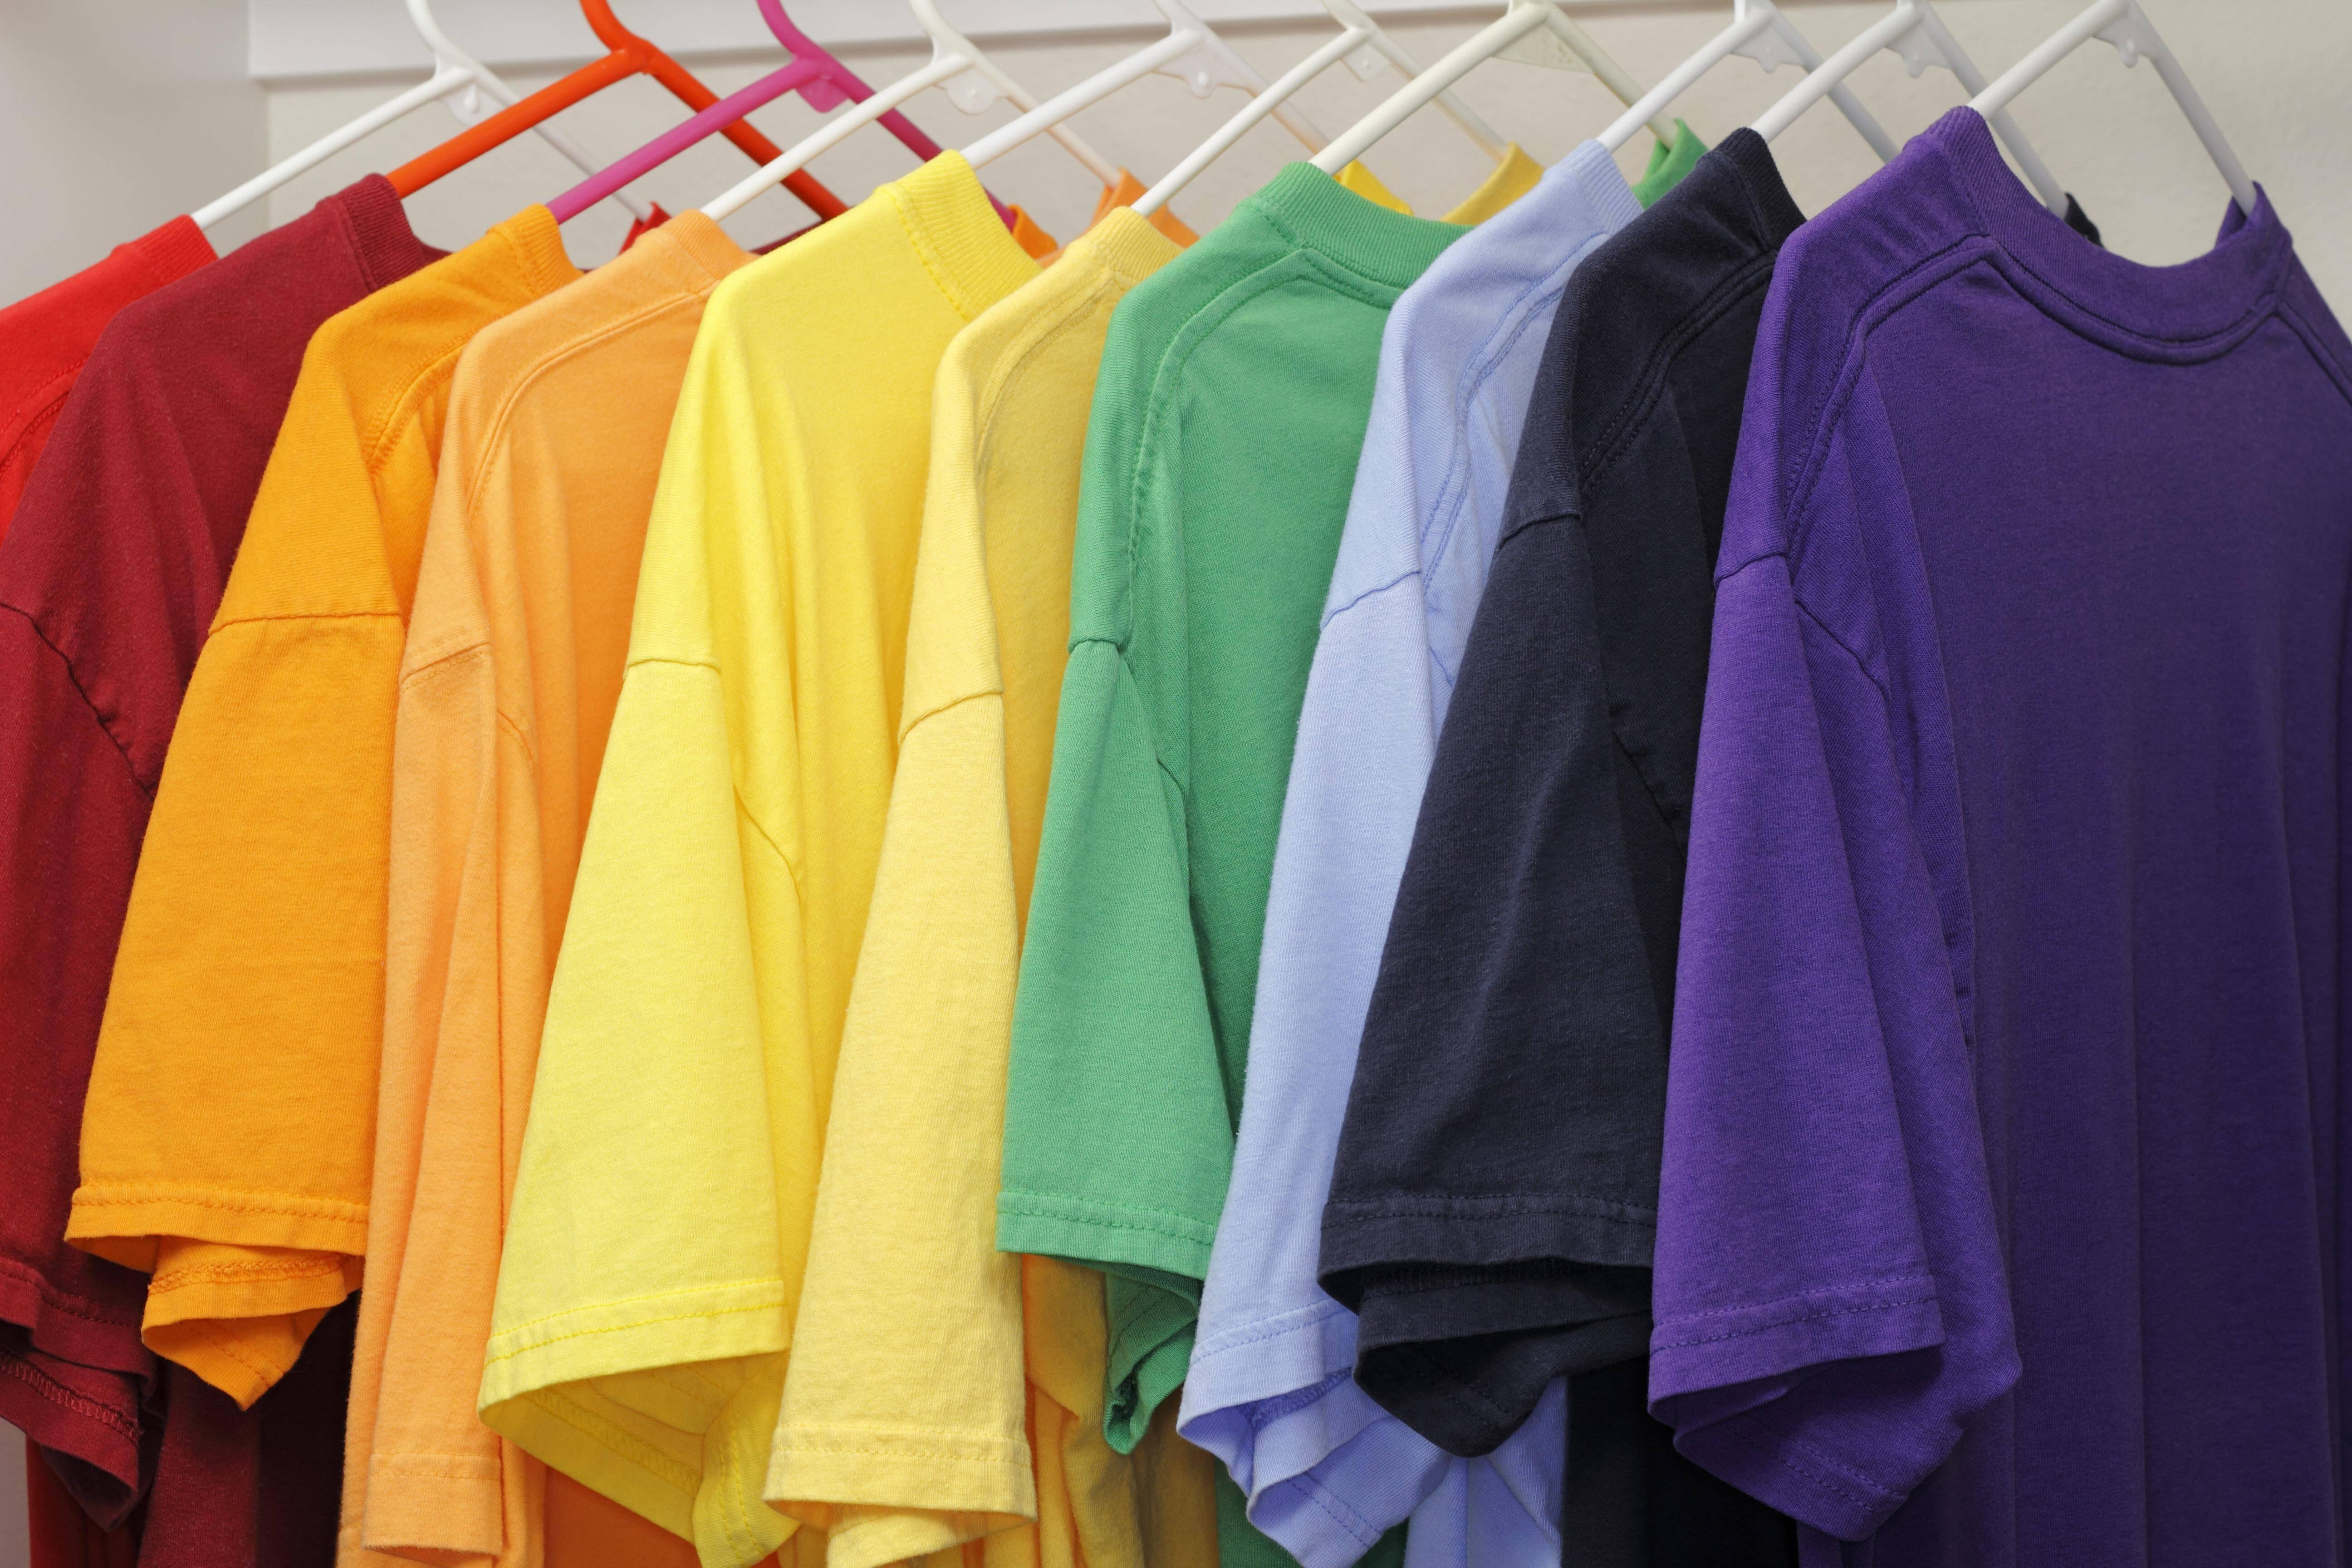 Wenn Wäsche im Schrank stinkt, hilft regelmäßiges Lüften und mehr Platz.